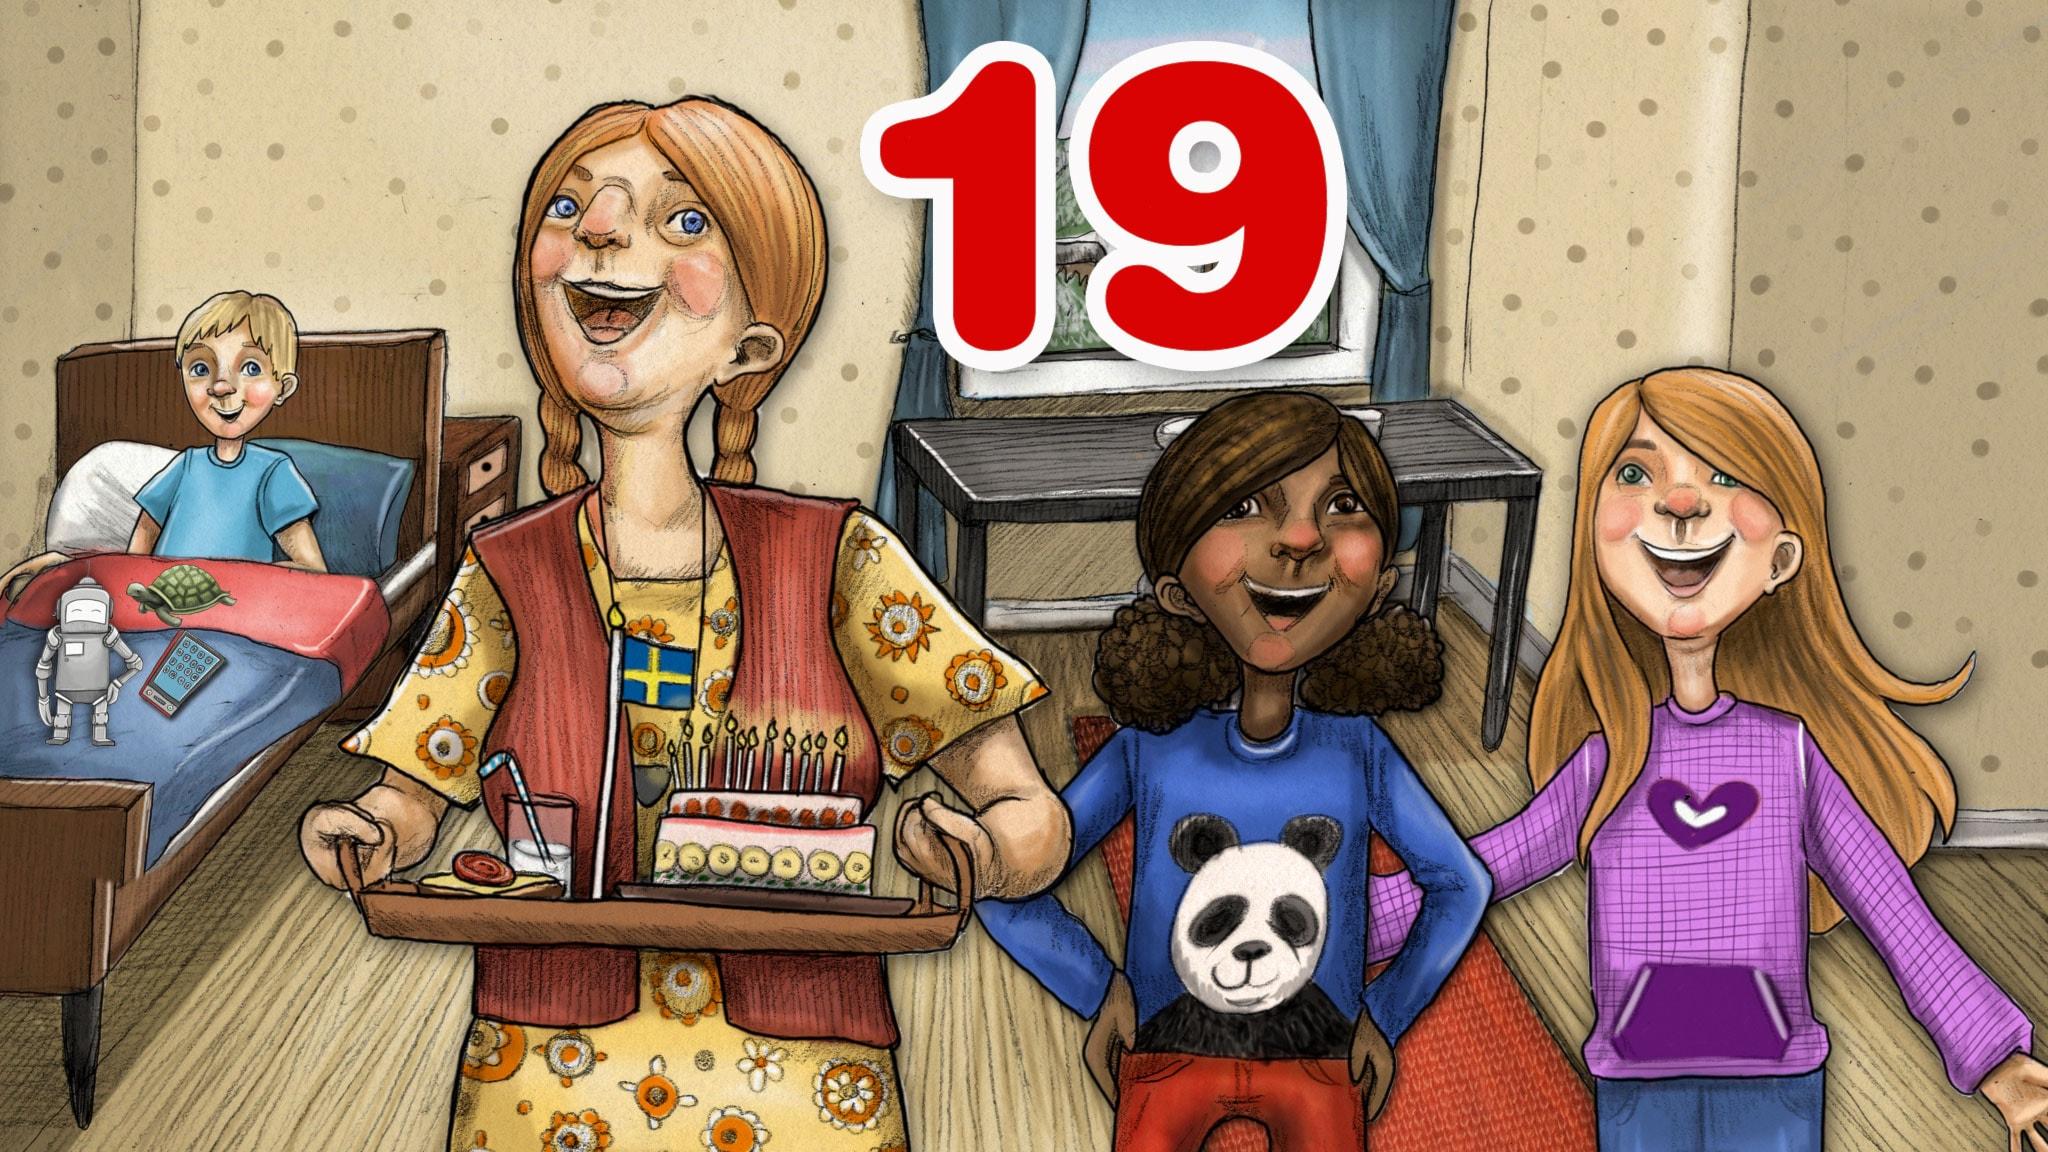 Del 19: Födelsedagen